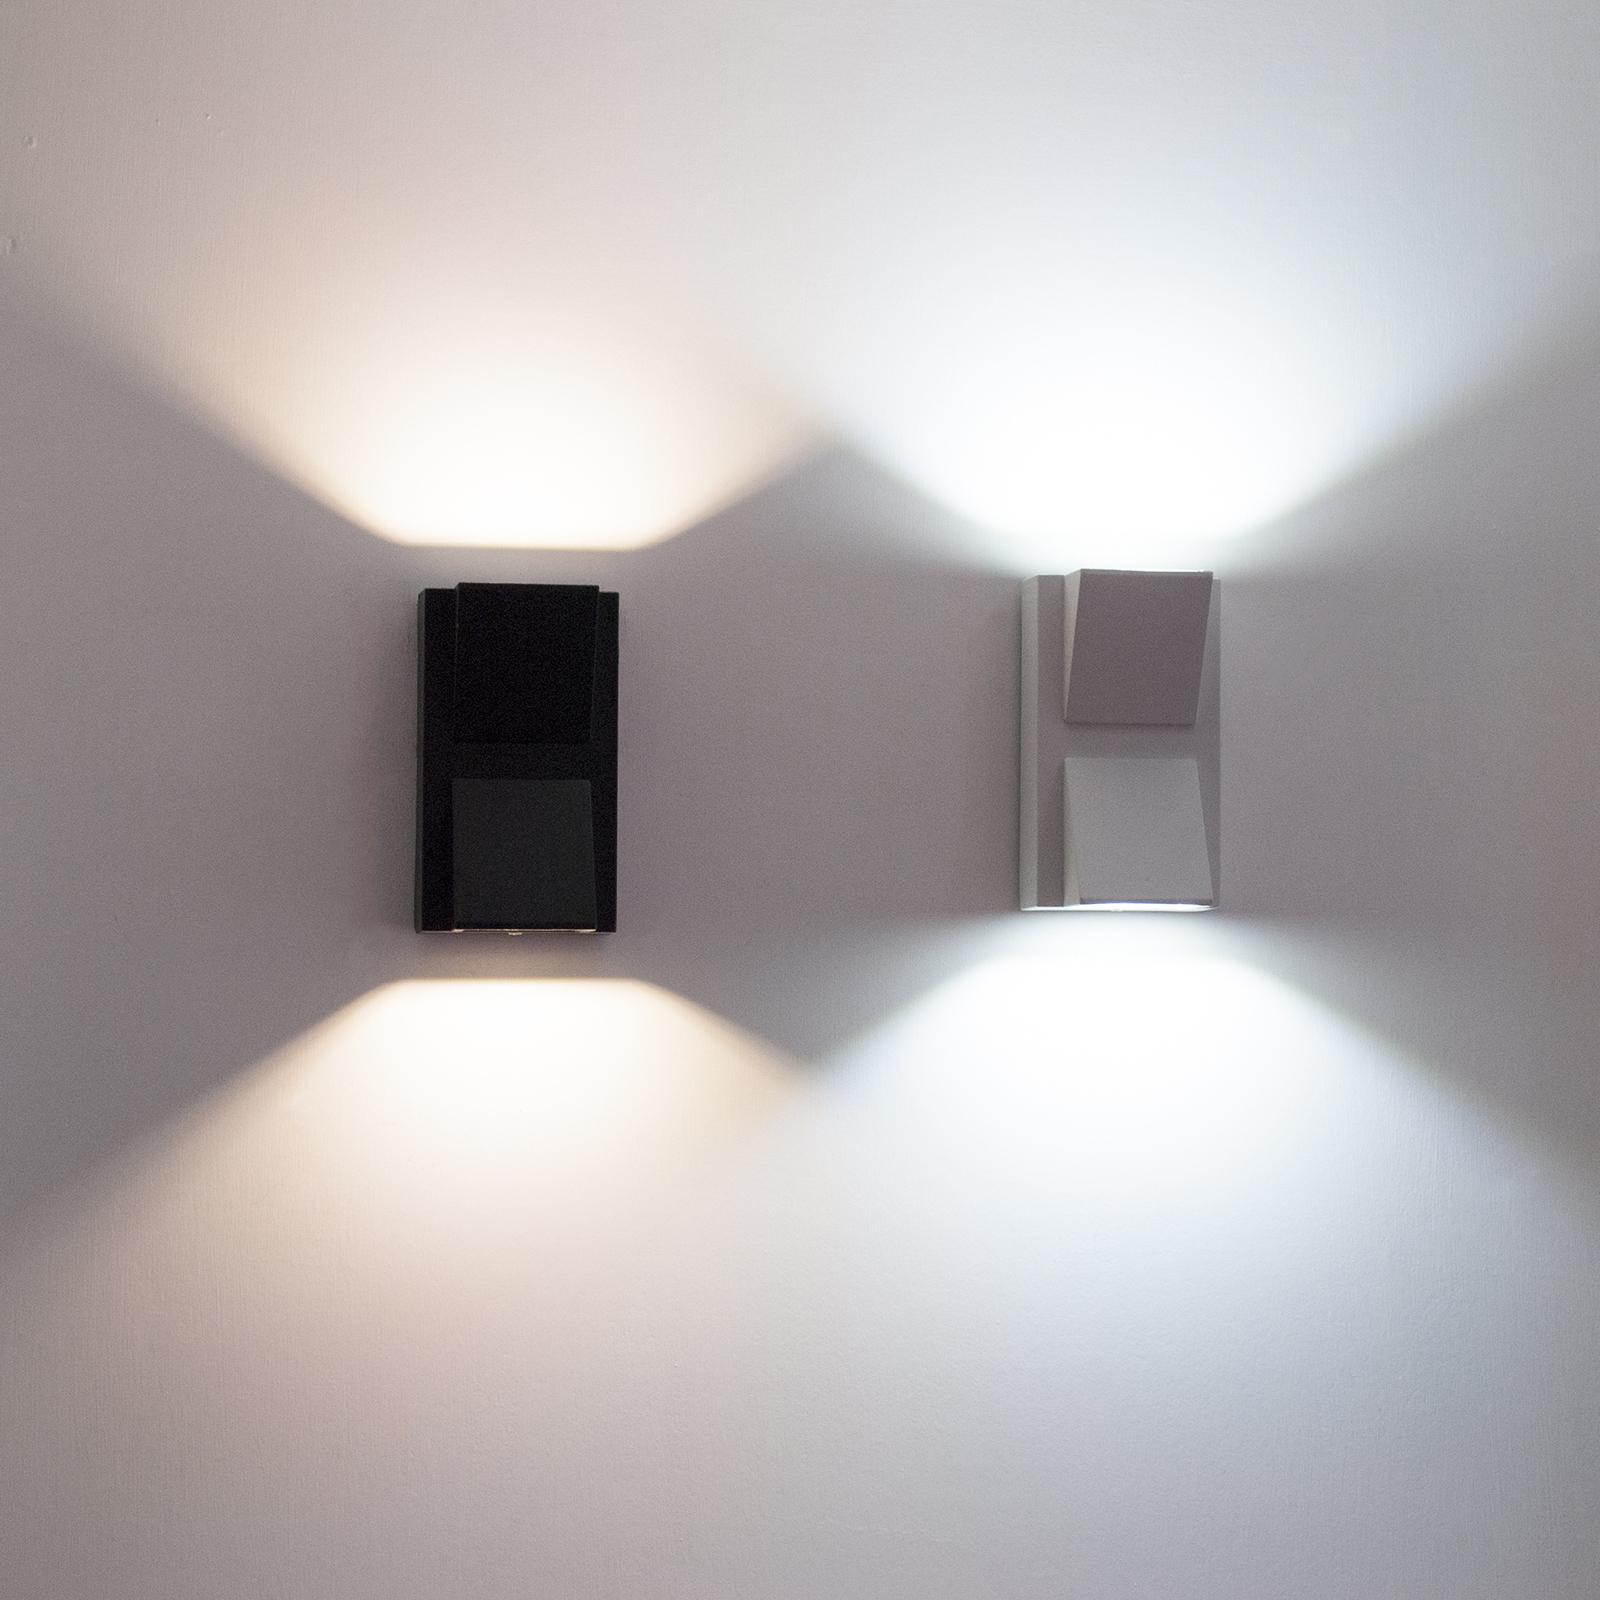 david2017 - Applique e incassi da parete per esterni - planetitaly - Lampada led per uso esterno ...